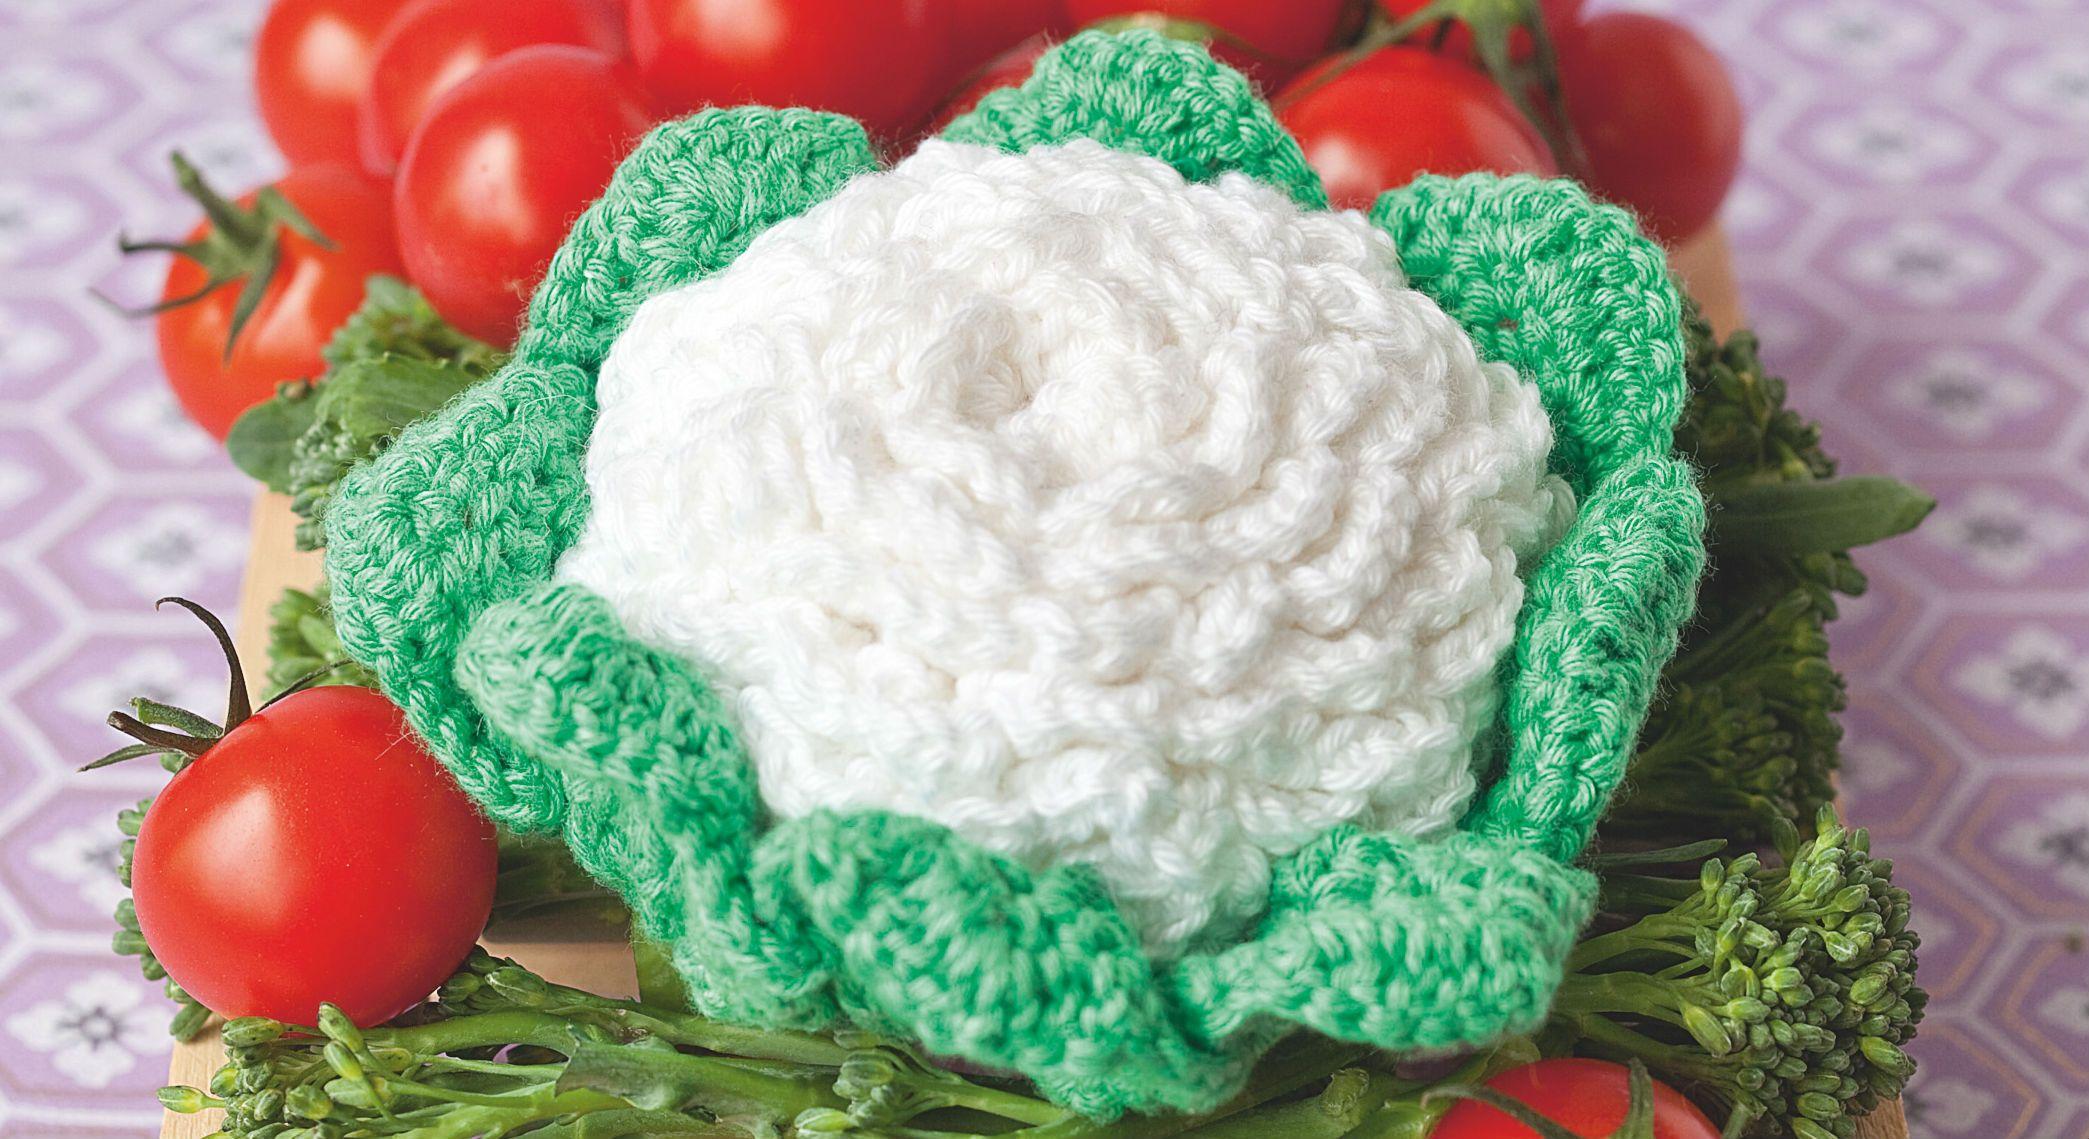 crochet : je fabrique des choux-fleurs   le chou fleur, le chou et